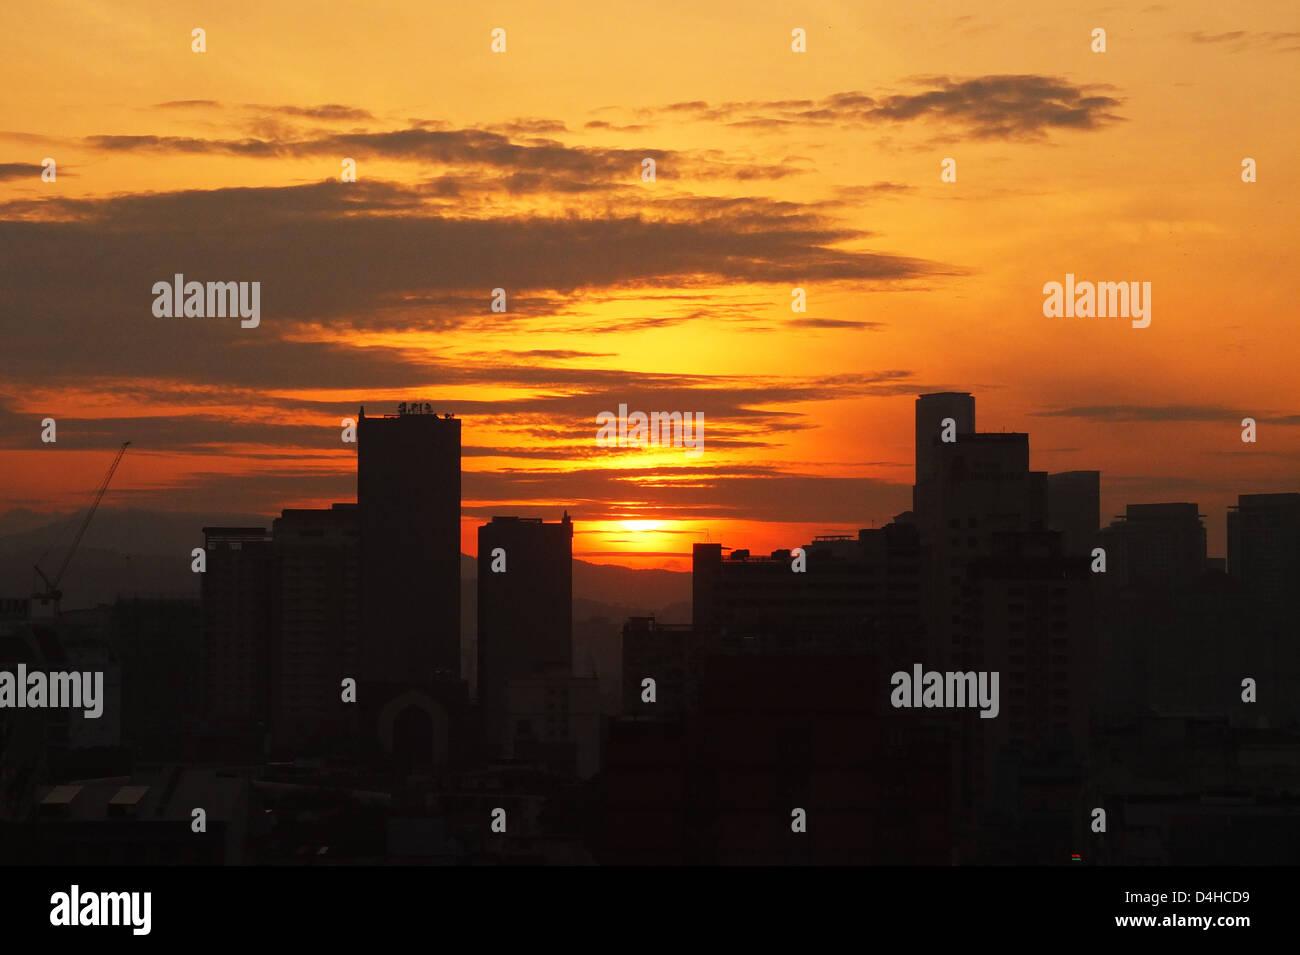 Eine Morgensonne steht vor der Tür hinter Gebäude, große Himmel Farbe, Stadt erwartet zu Wake up Stockbild